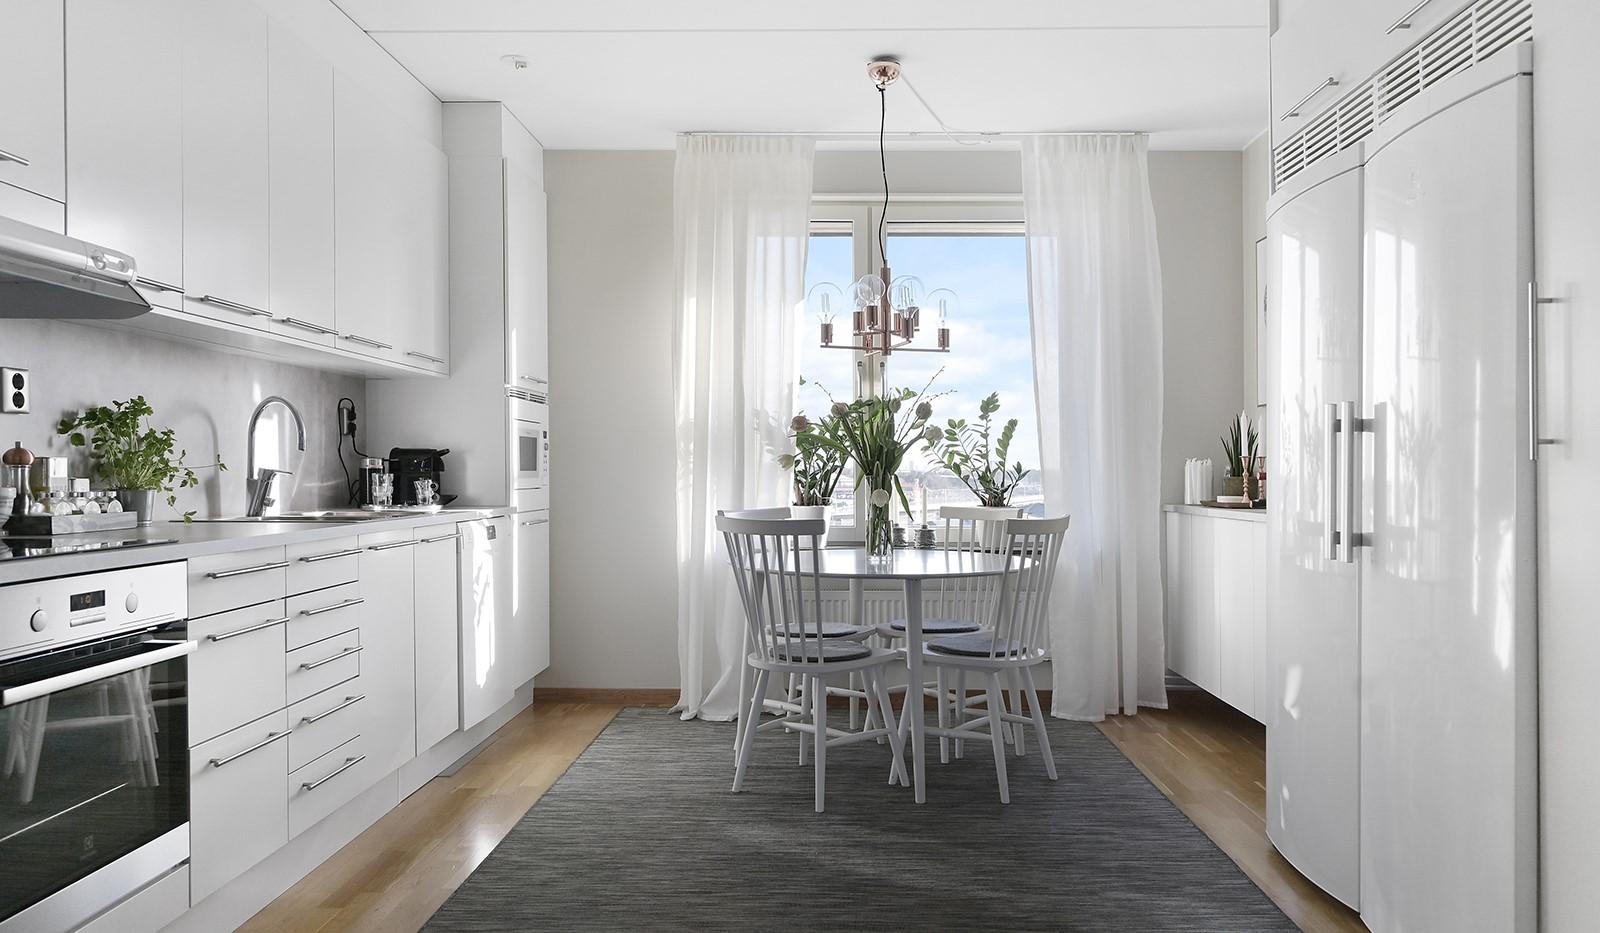 Hildebergsvägen 18, 4 tr - Hemtrevlig kök med matsplats